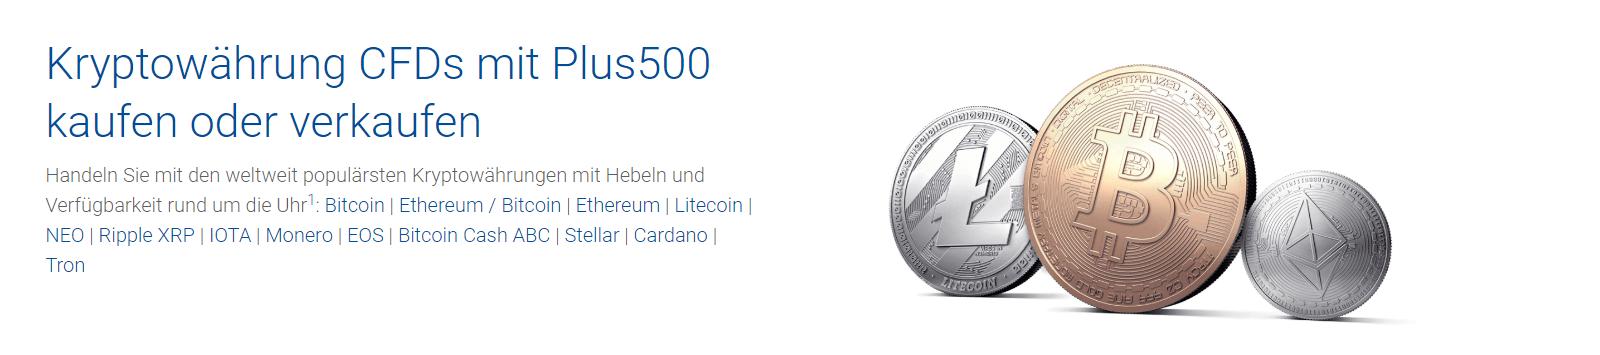 Plus500 Kryptowährungen handeln